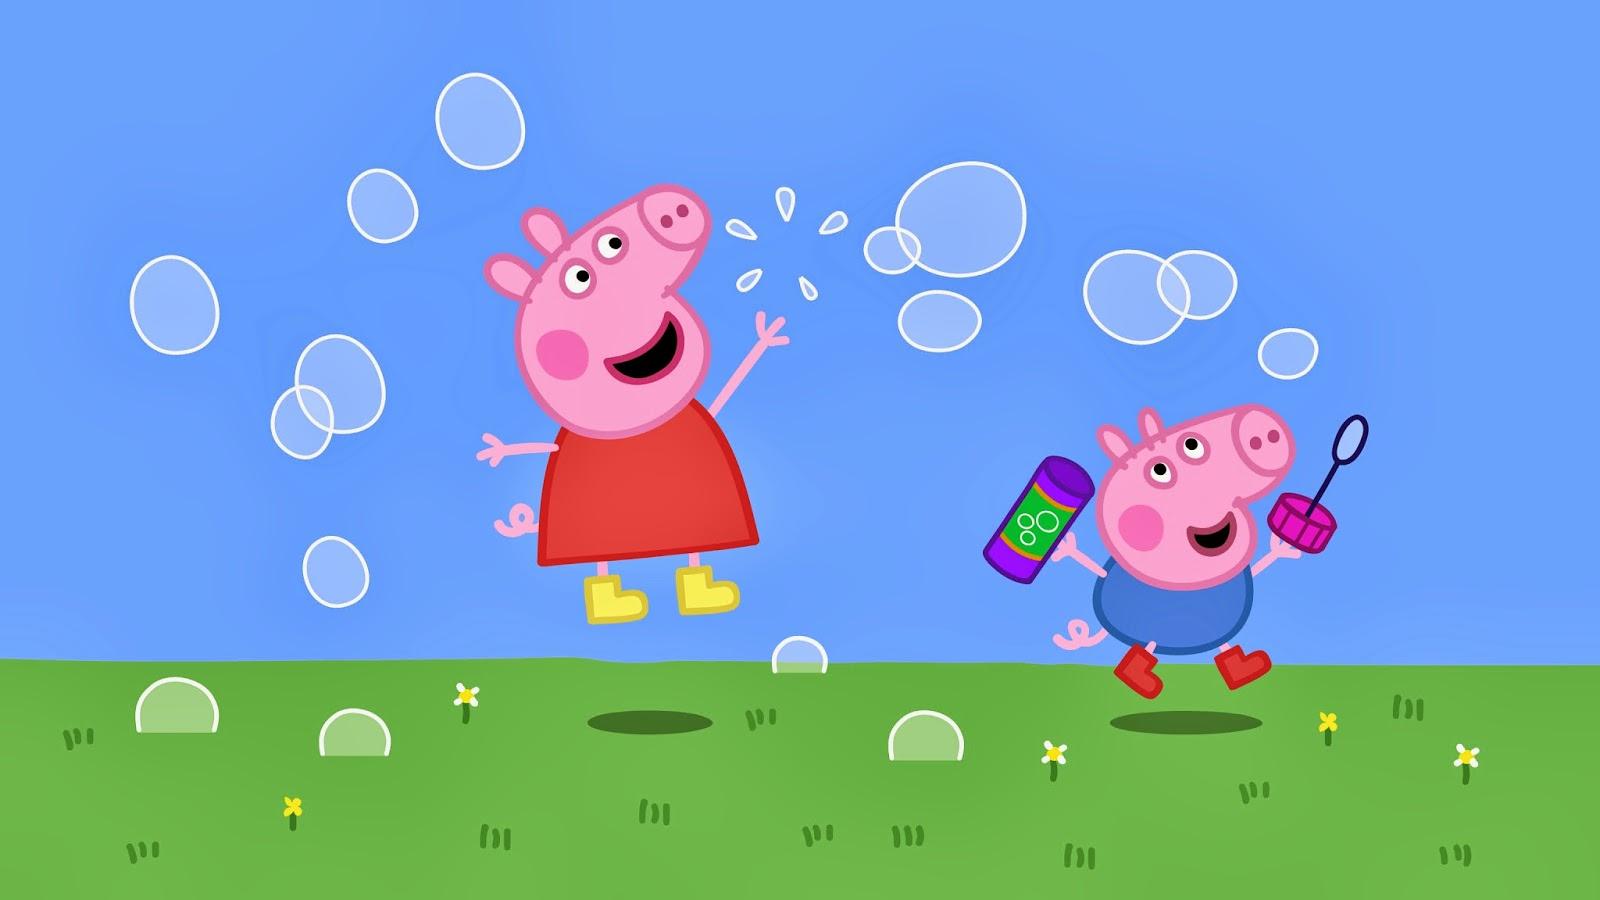 Peppa Pig Peppa Pig E Un Cartone Animato Inglese Creato Auto Design 1600x900